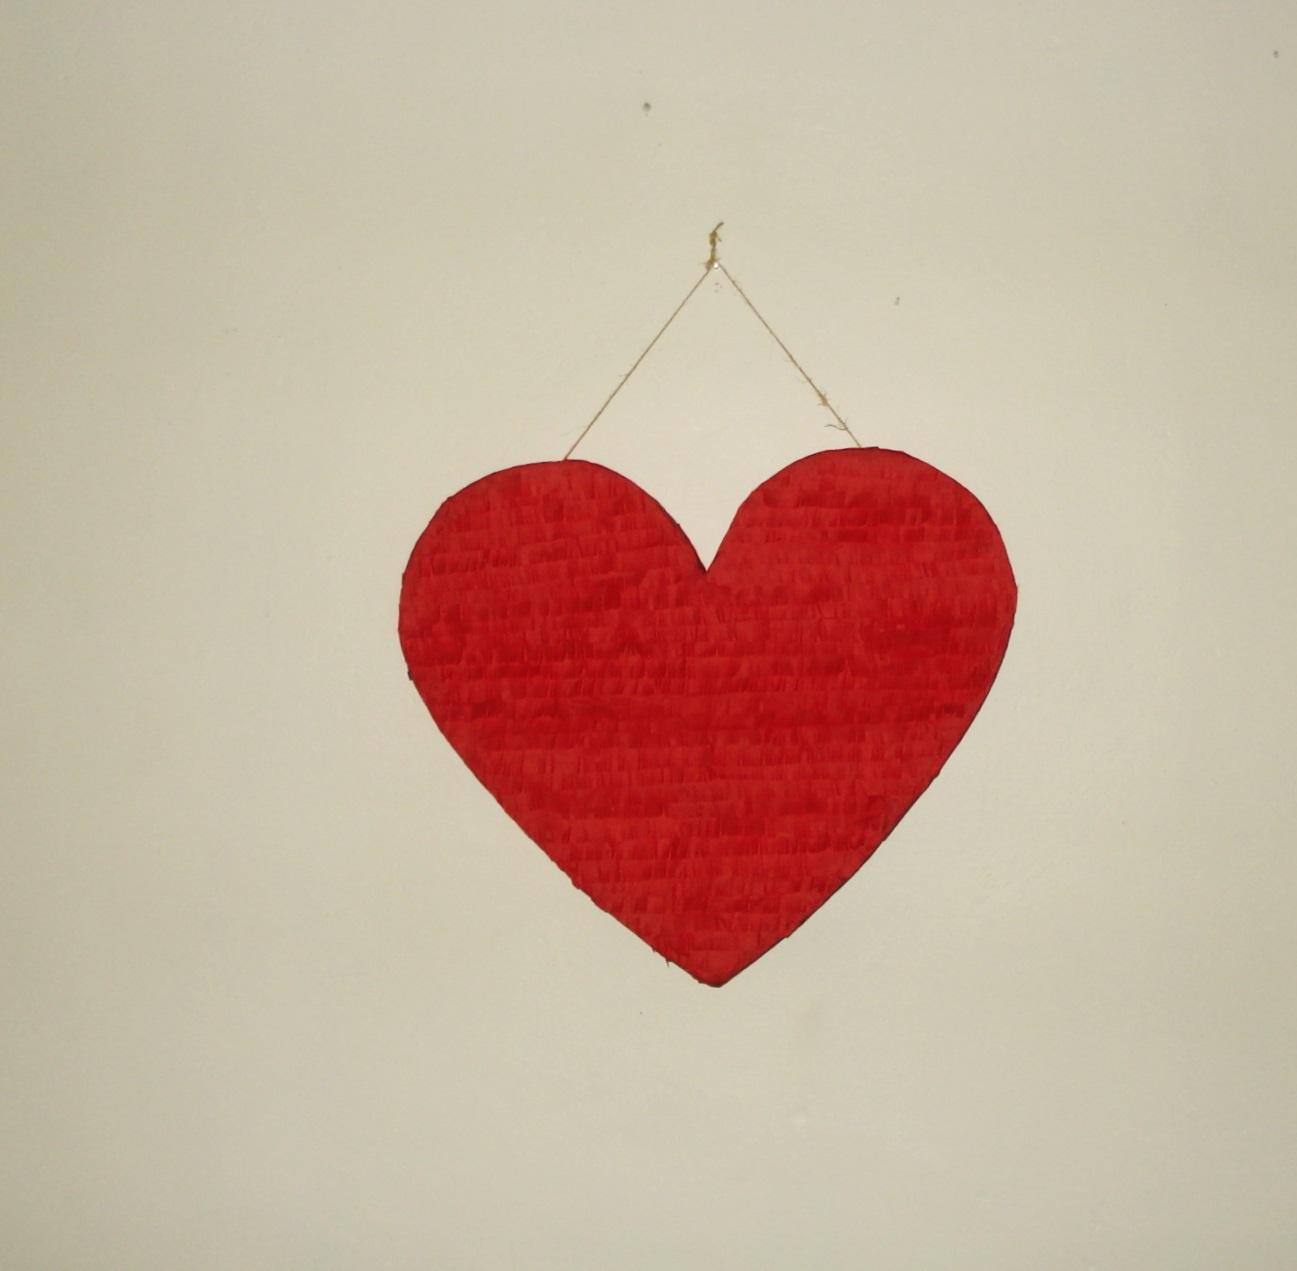 Piñatas: Heart pinatas/ de corazon